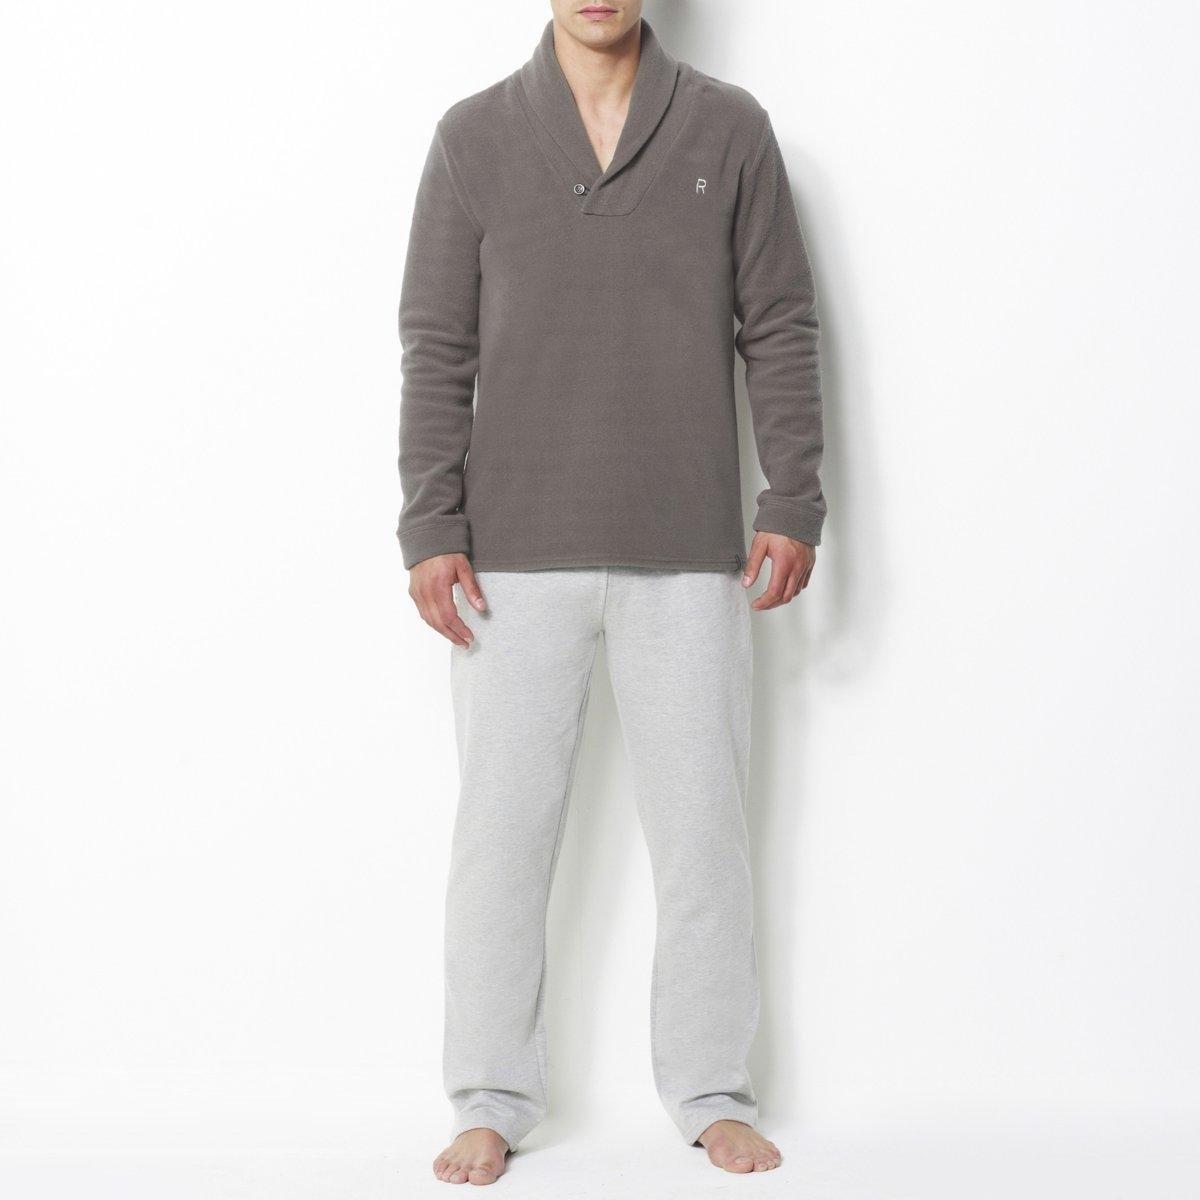 ПижамаШалевый воротник. Верх из флиса. Вышивка на груди. Брюки из мольтона, изнанка с начесом. Эластичный пояс. 2 кармана по бокам. 75% хлопка, 25% полиэстера.<br><br>Цвет: серый/серый меланж<br>Размер: M